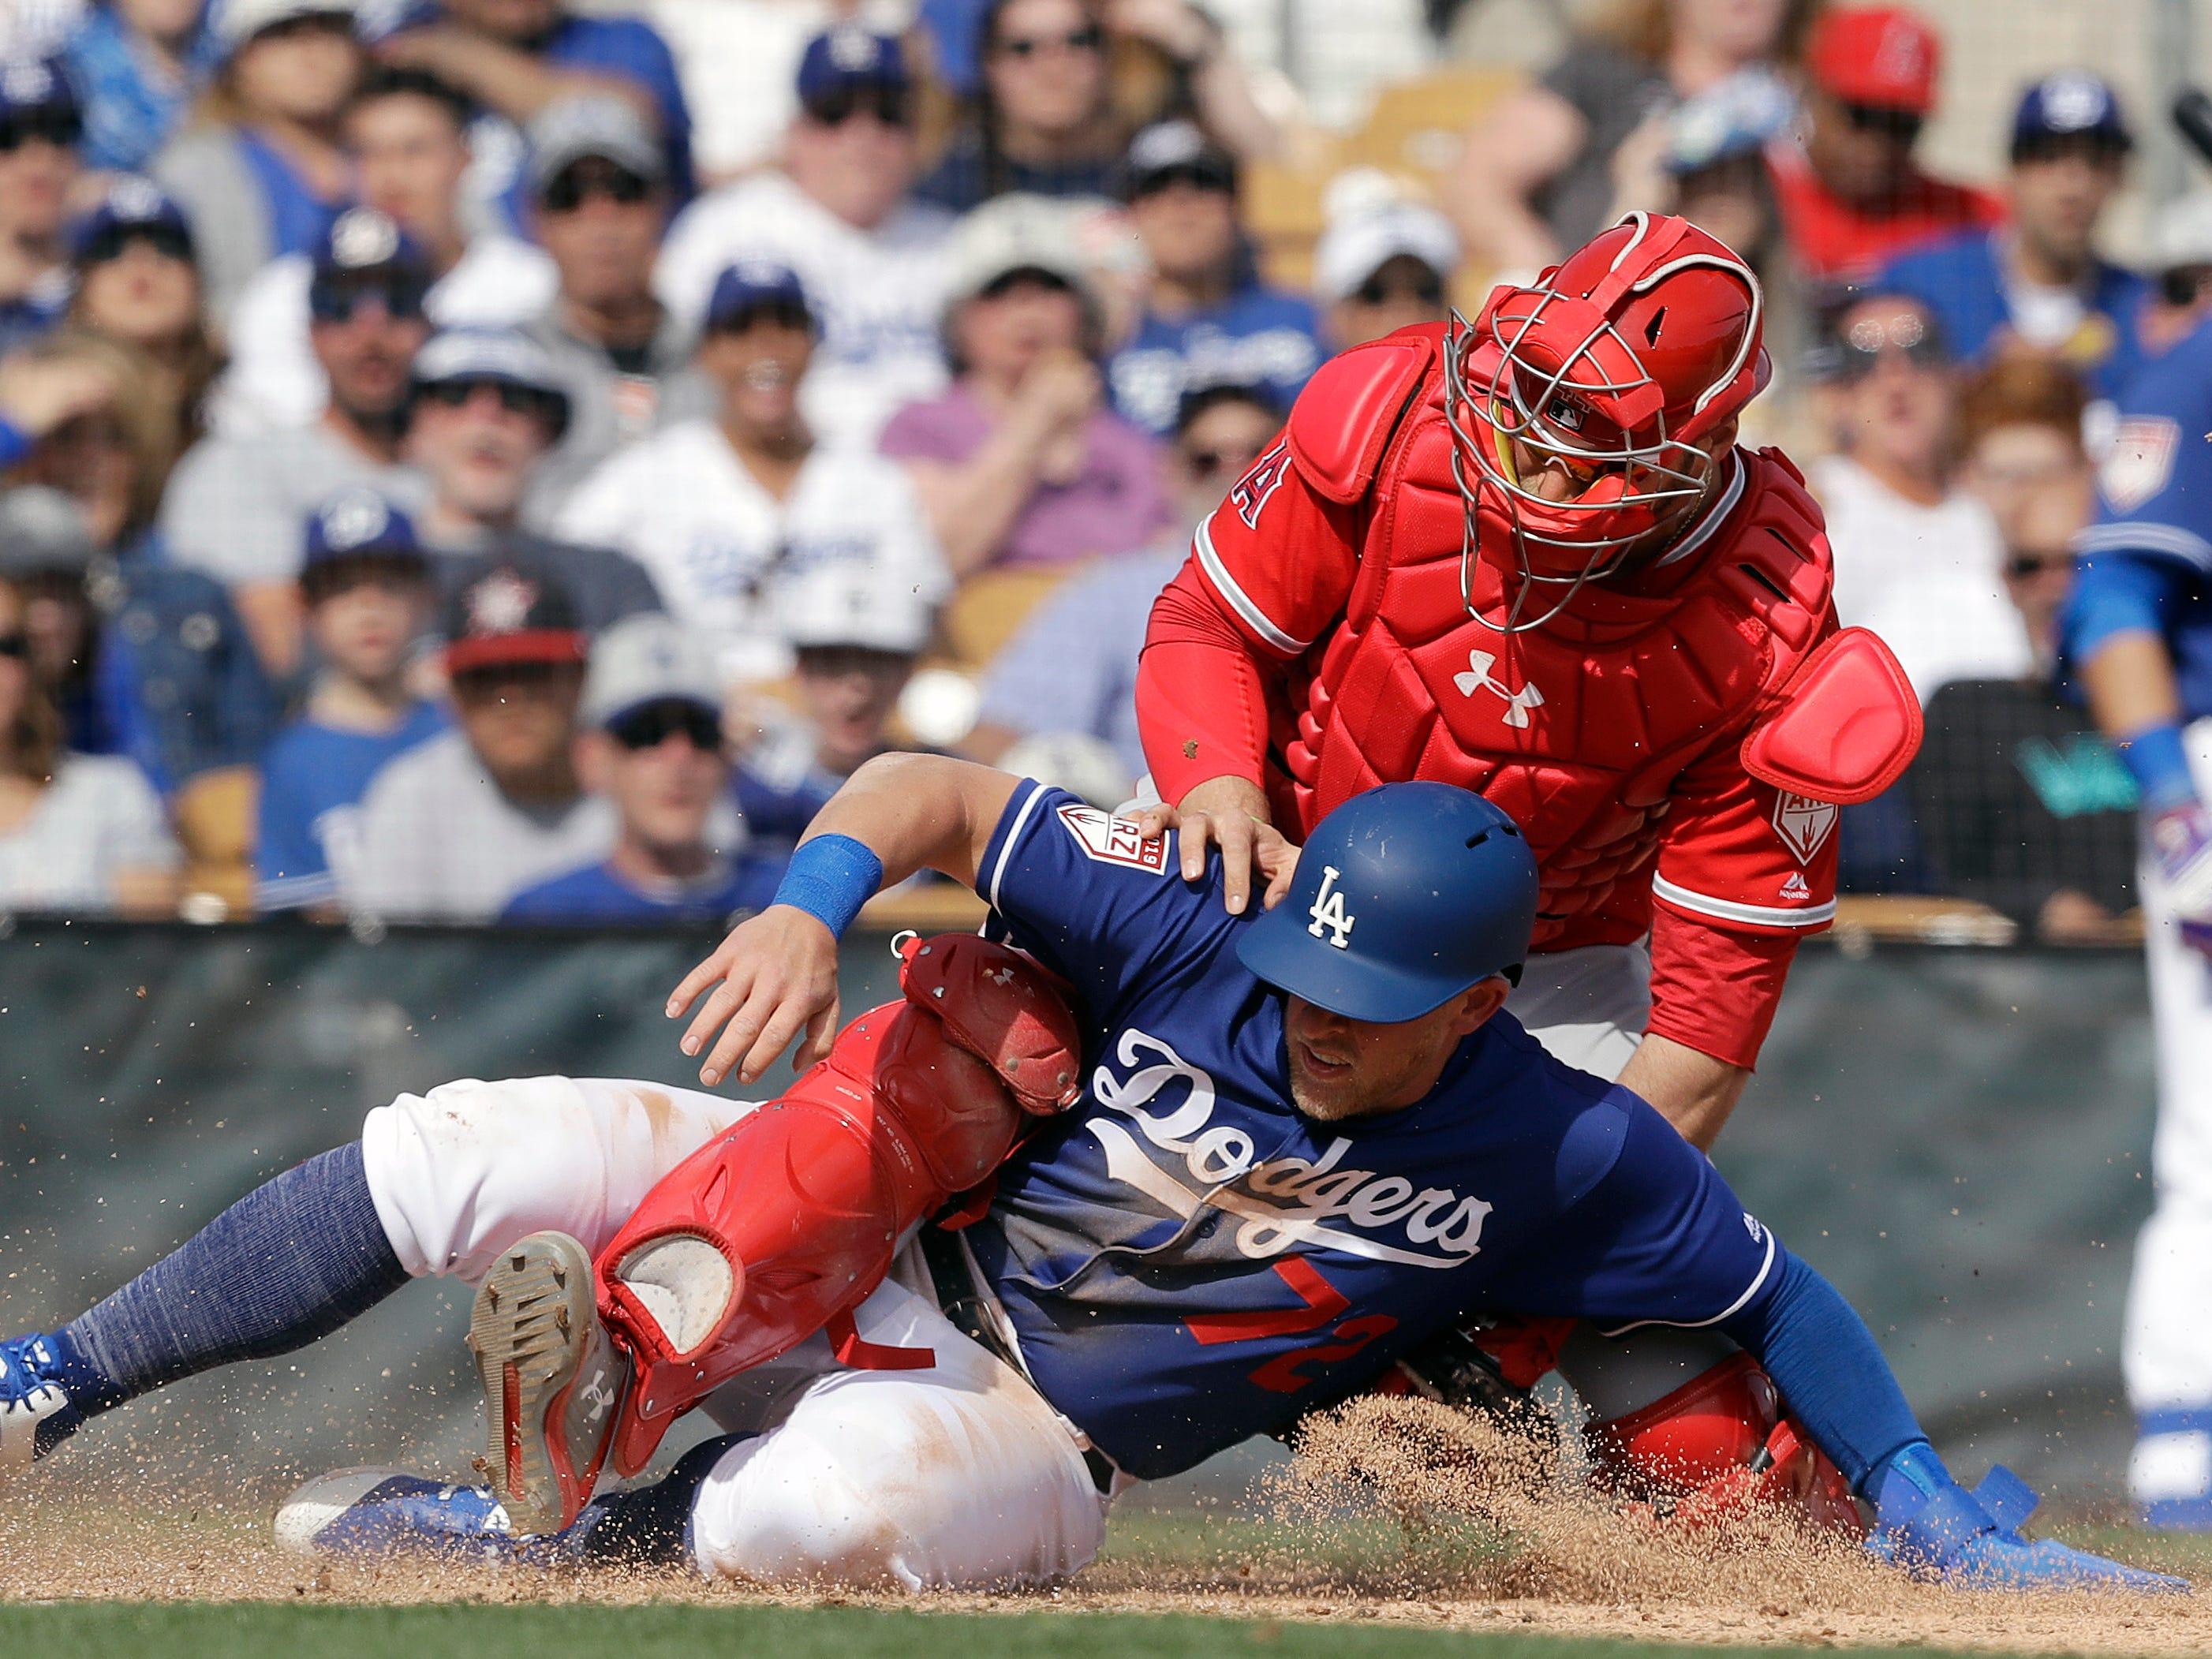 Feb. 24: Dodgers' Matt Beaty, bottom, scores on an error by Angels catcher Kevan Smith.